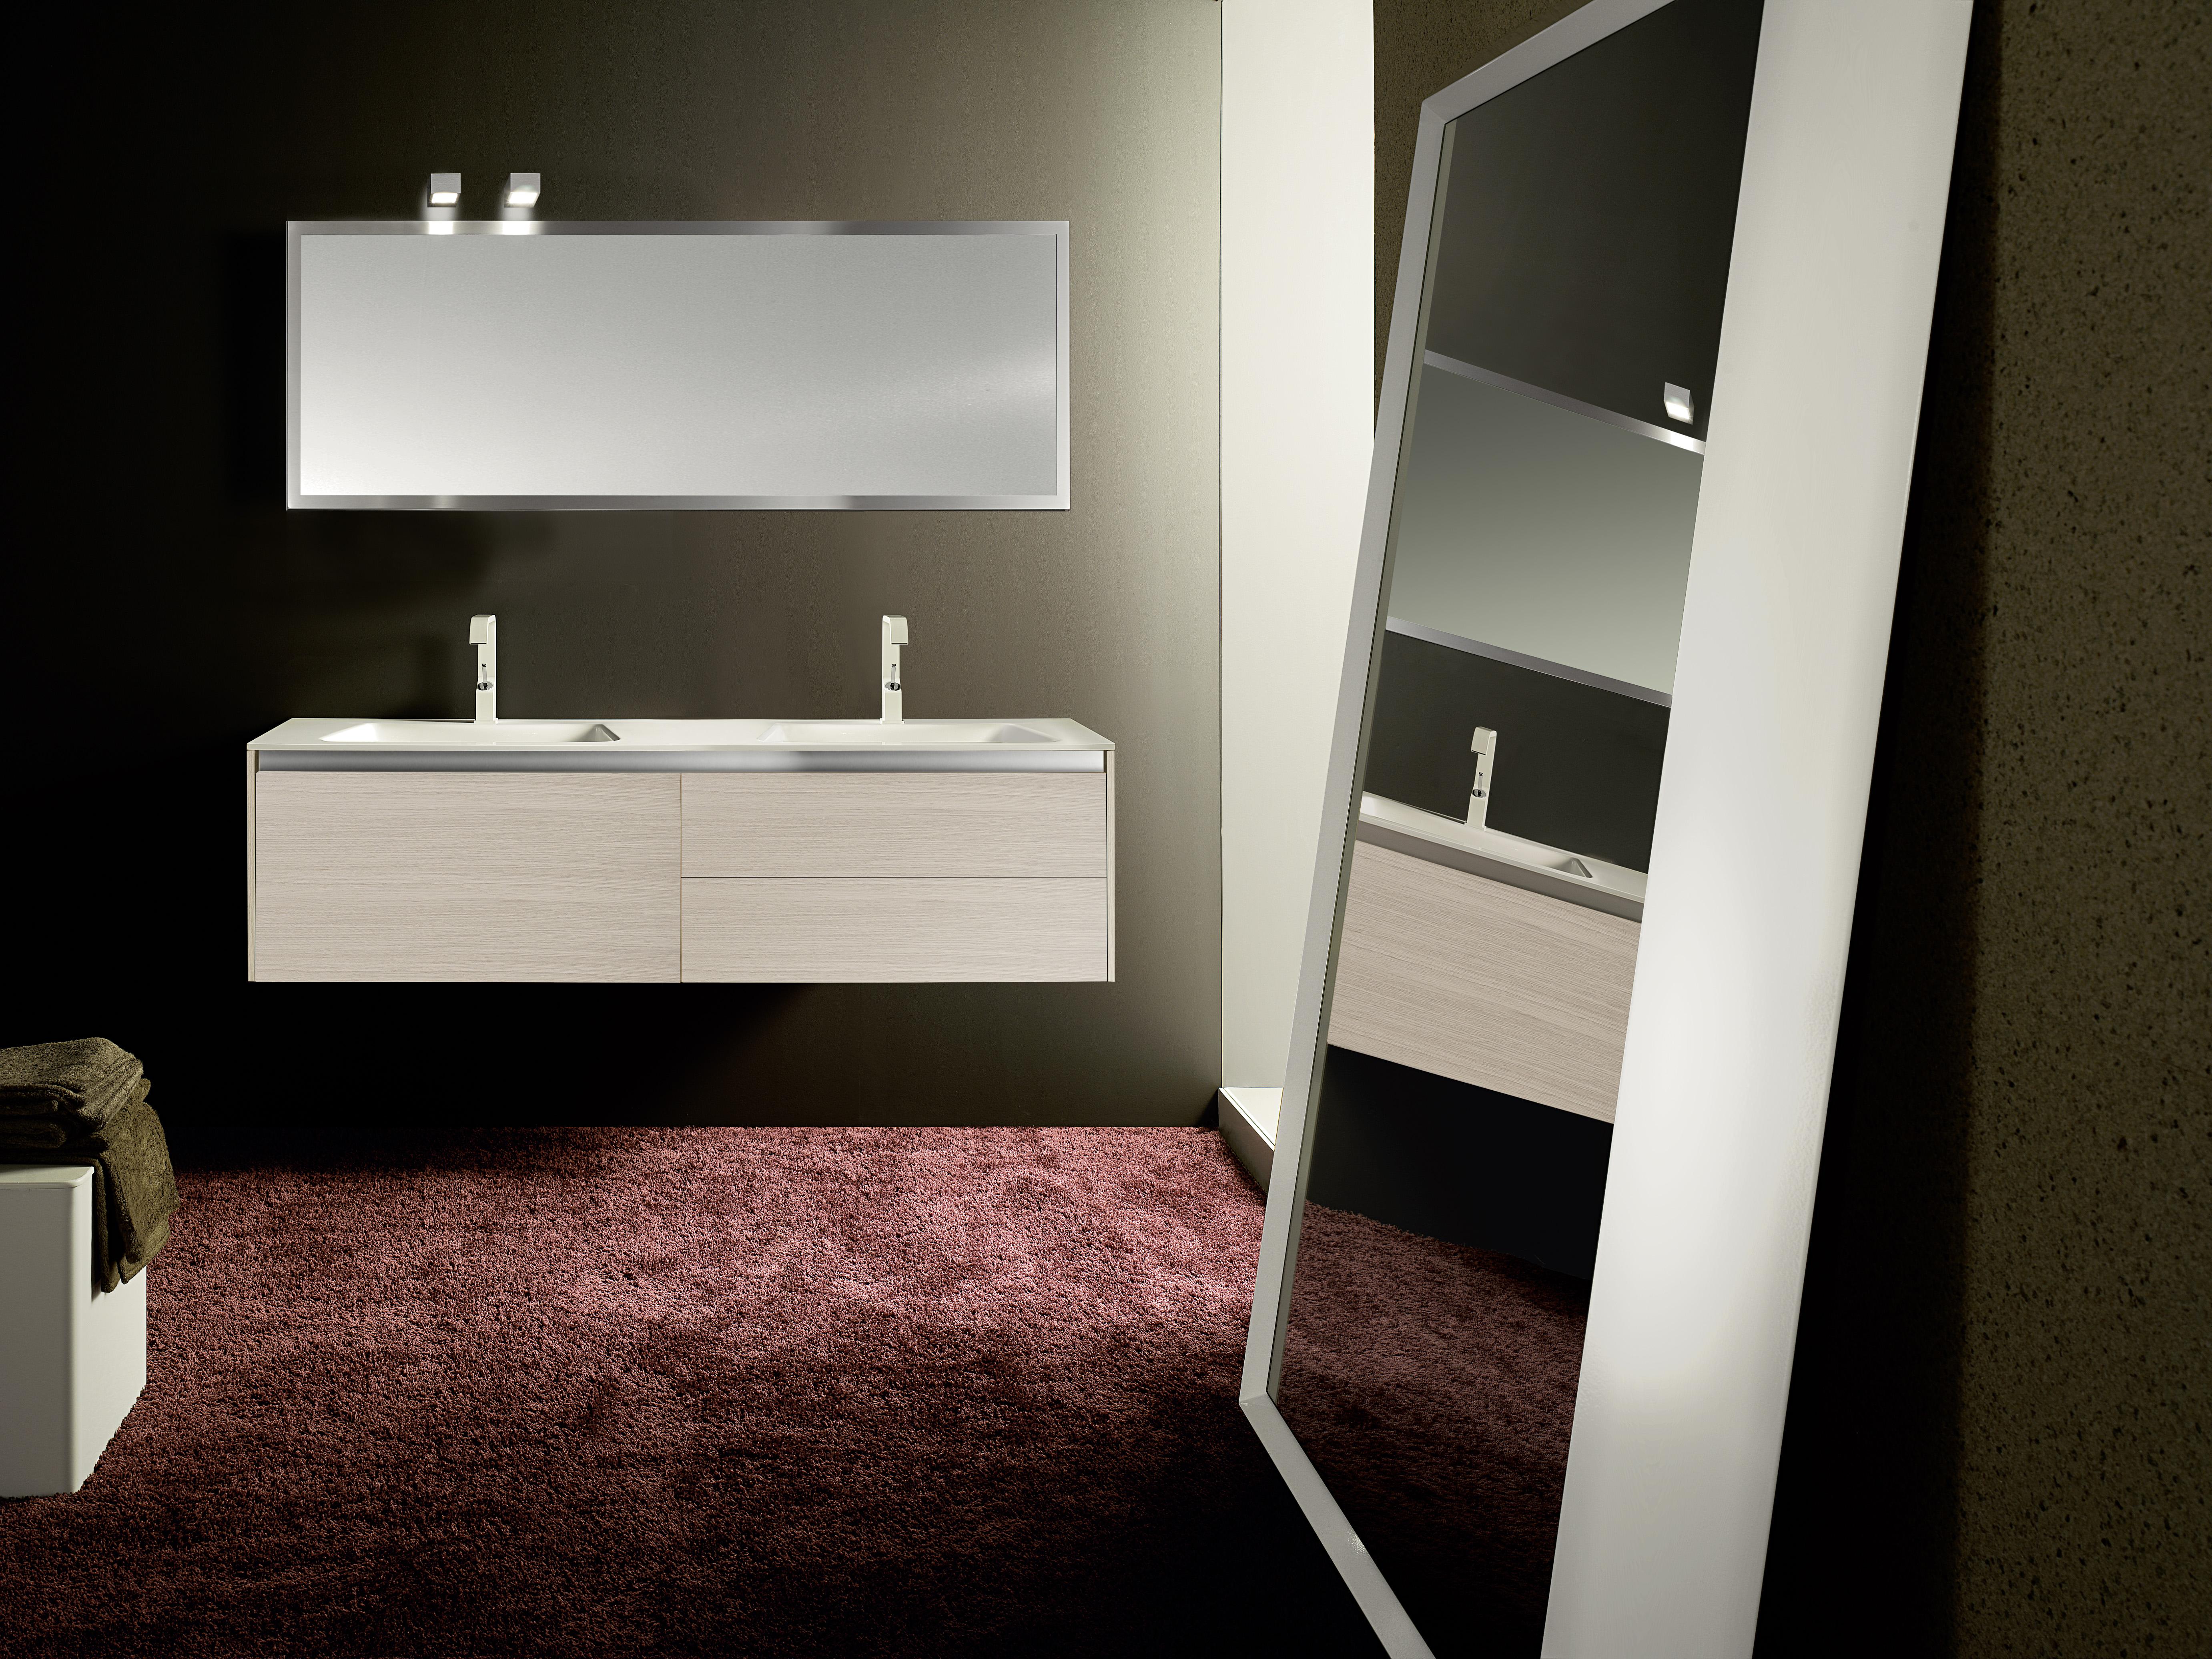 658f5e2e3a6a Composizione arredamento bagno in essenza Rovere sbiancato composta da base  lavabo con cestone L 80 cm e base lavabo con due cassetti L 80 cm.